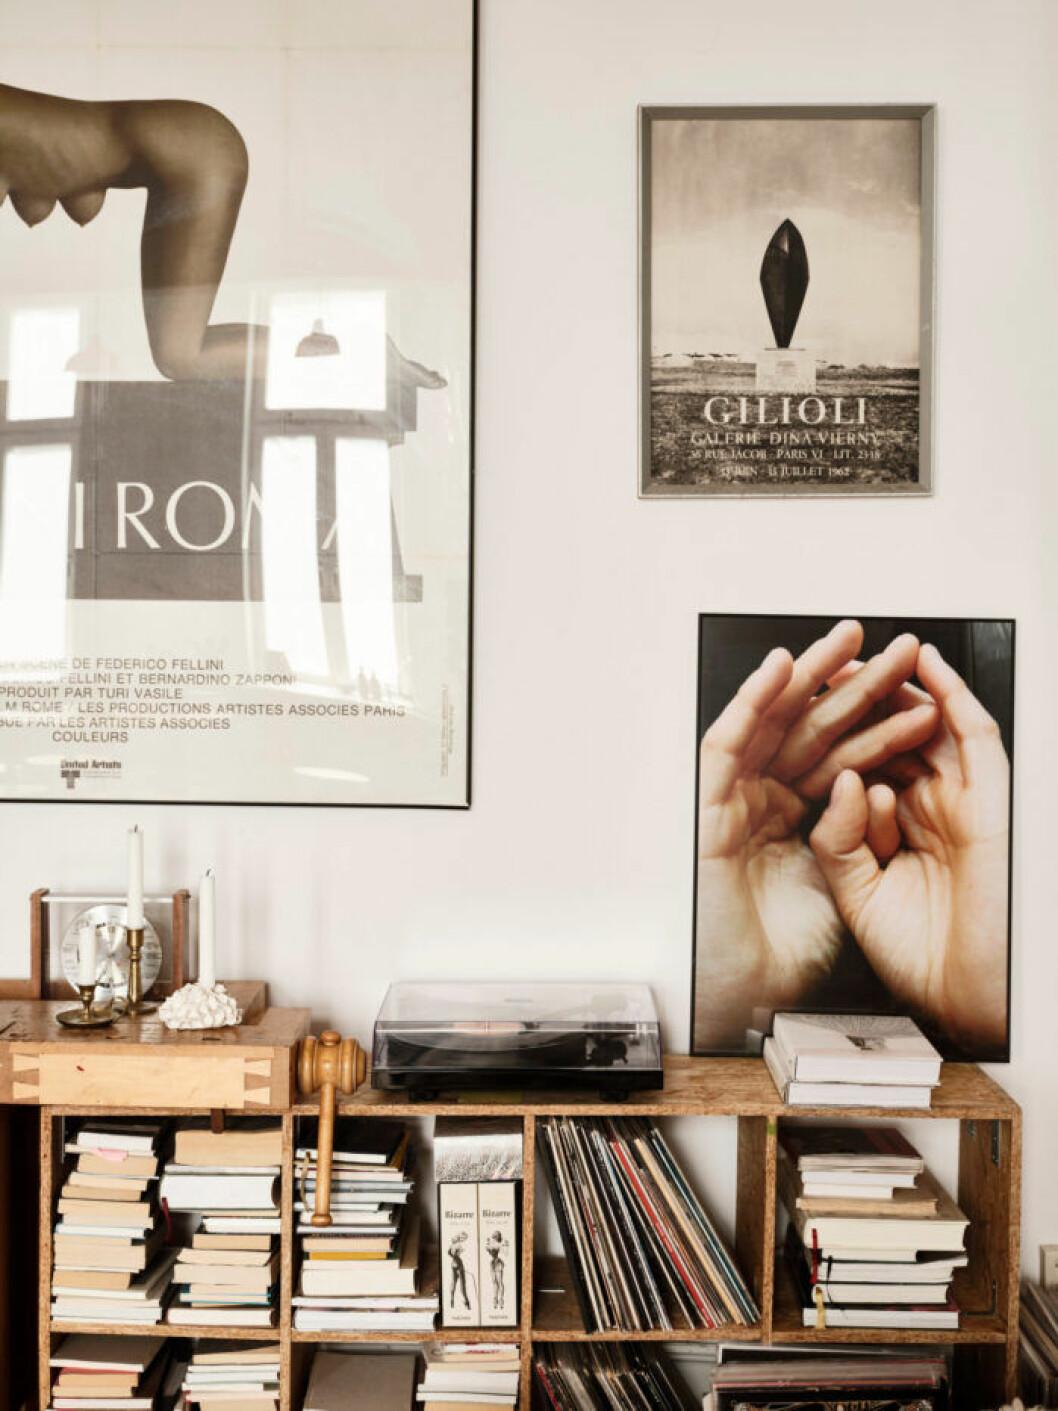 Sekelskifteslägenhet i Malmö, bokhylla och tavlor i vardagsrummet